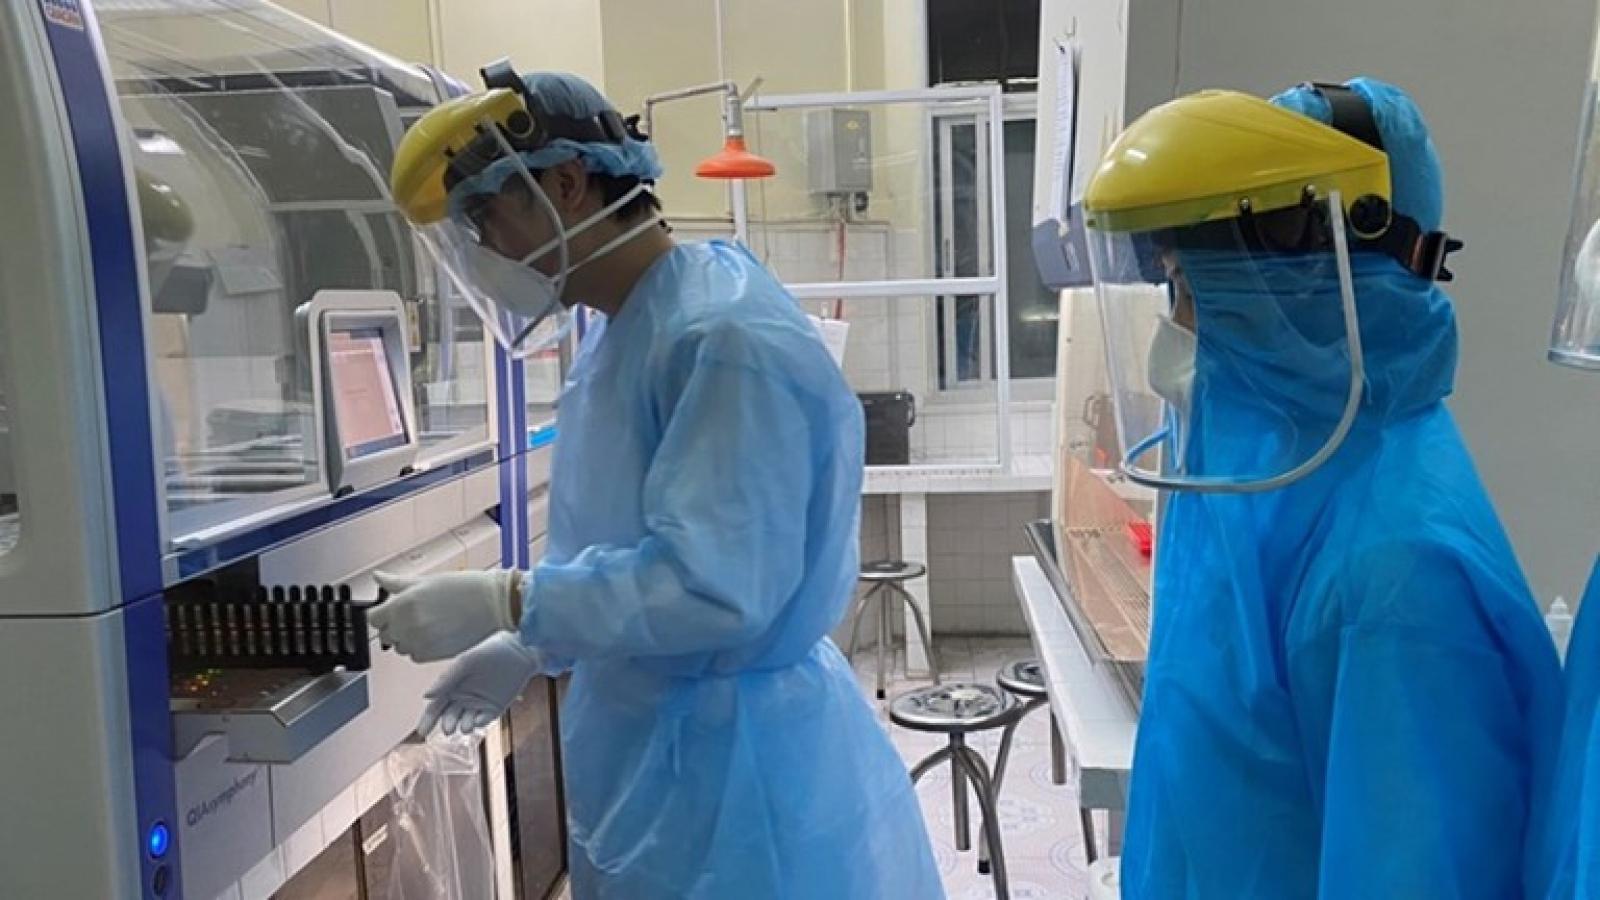 Thủ tướng chỉ đạo thanh tra việc mua thiết bị y tế chống Covid-19